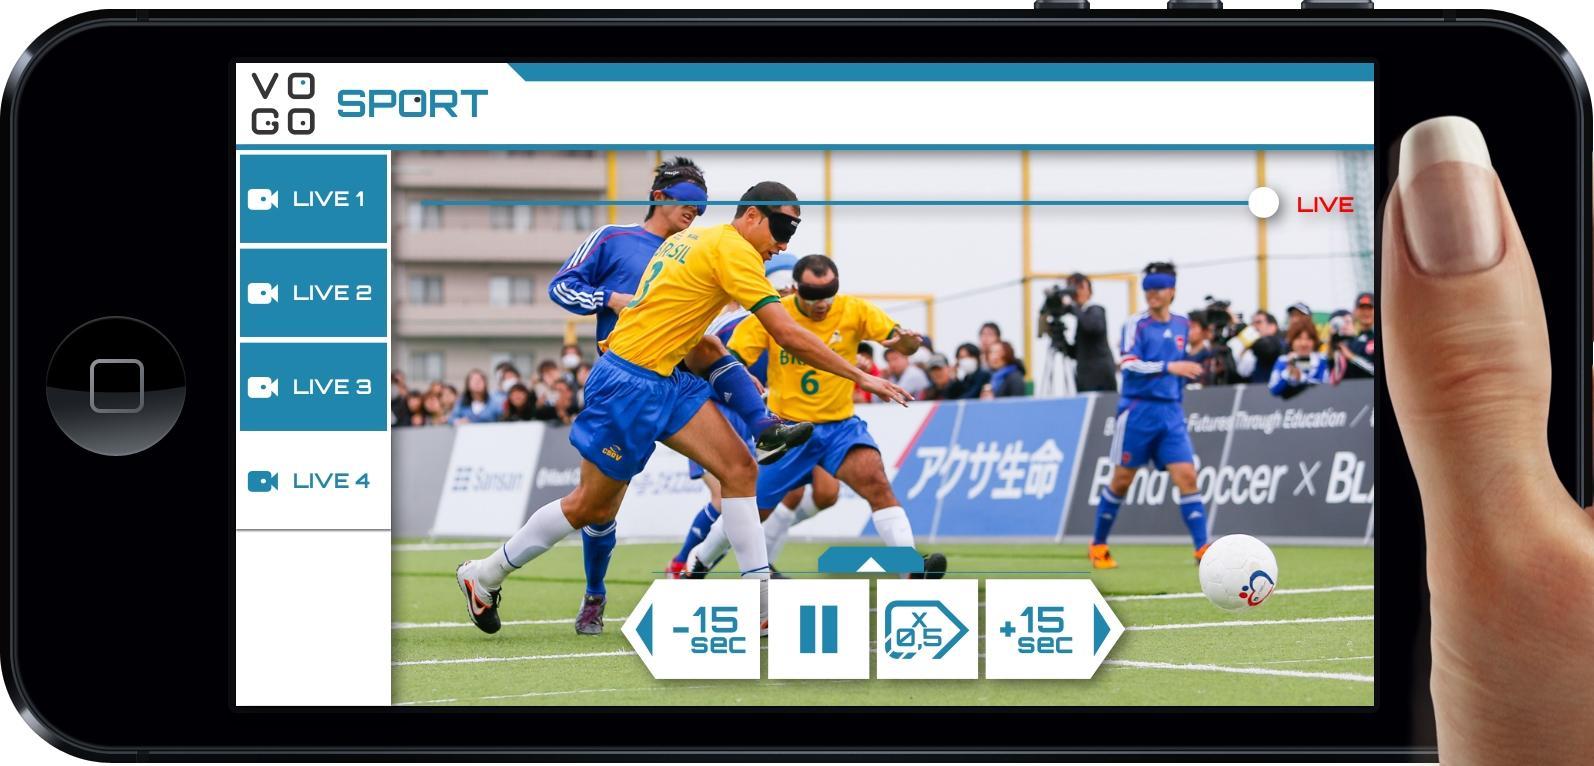 パナソニックがブラインドサッカーの国際親善試合で障がい者スポーツ観戦ソリューションの実証実験を実施